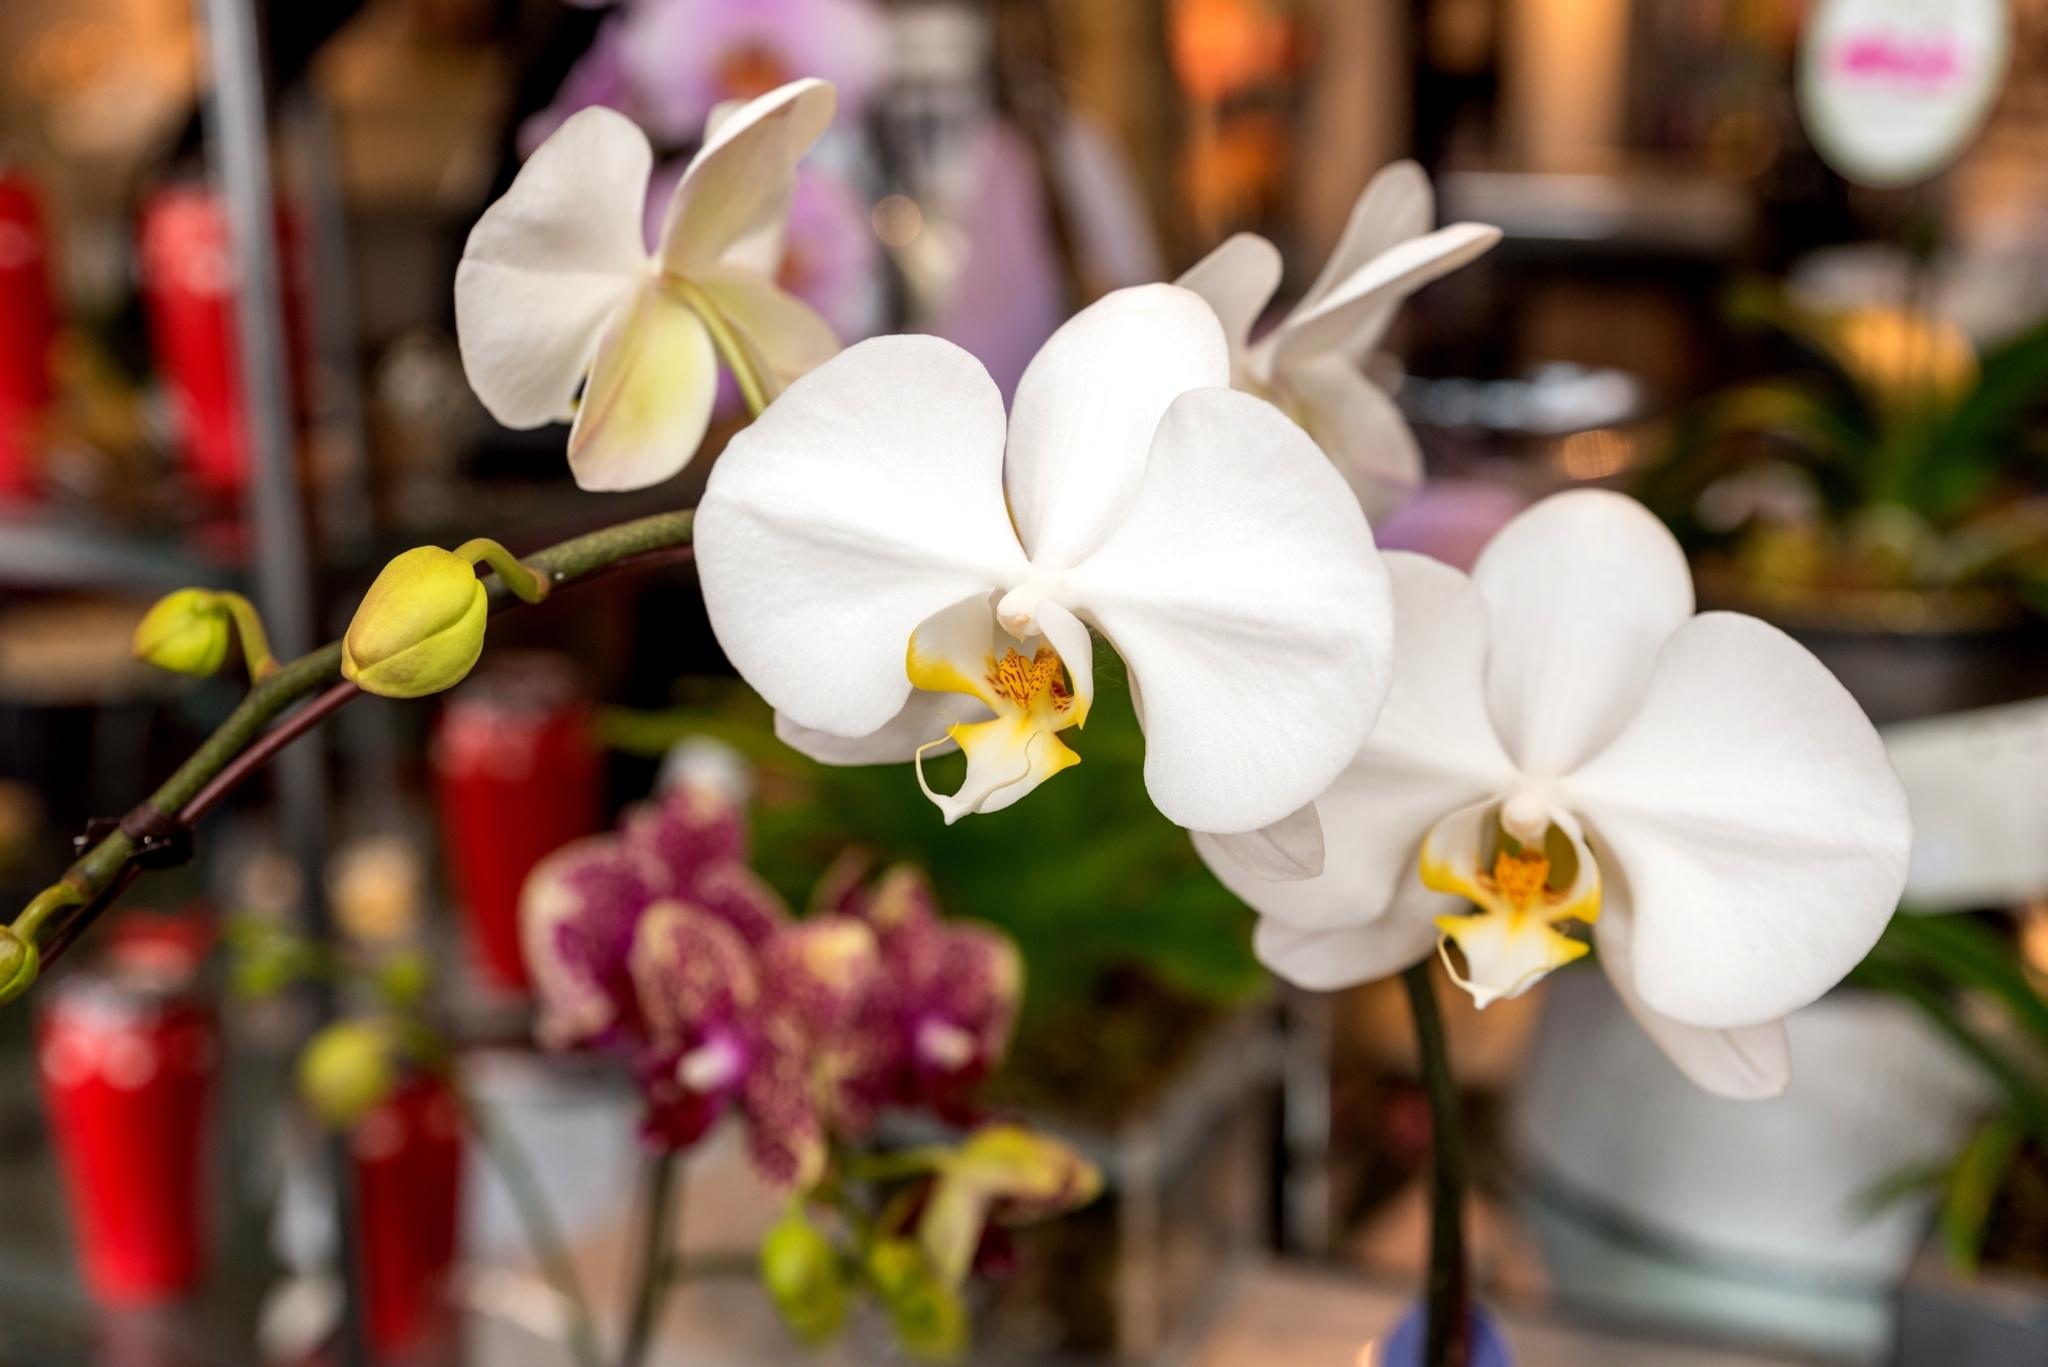 la belle fleur floral boutique ltd surrey bc ourbis